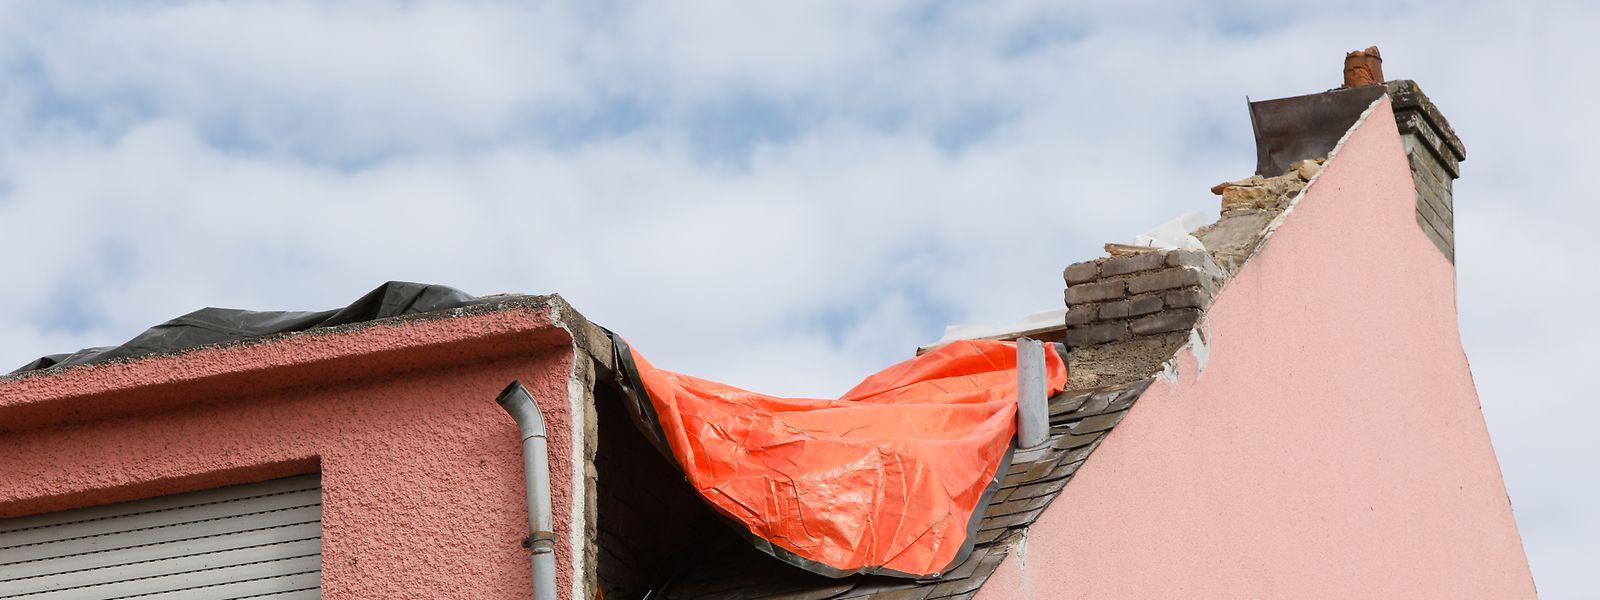 Während dem Tornado im August wurden zahlreiche Häuser beschädigt - wie hier in Niederkerschen.